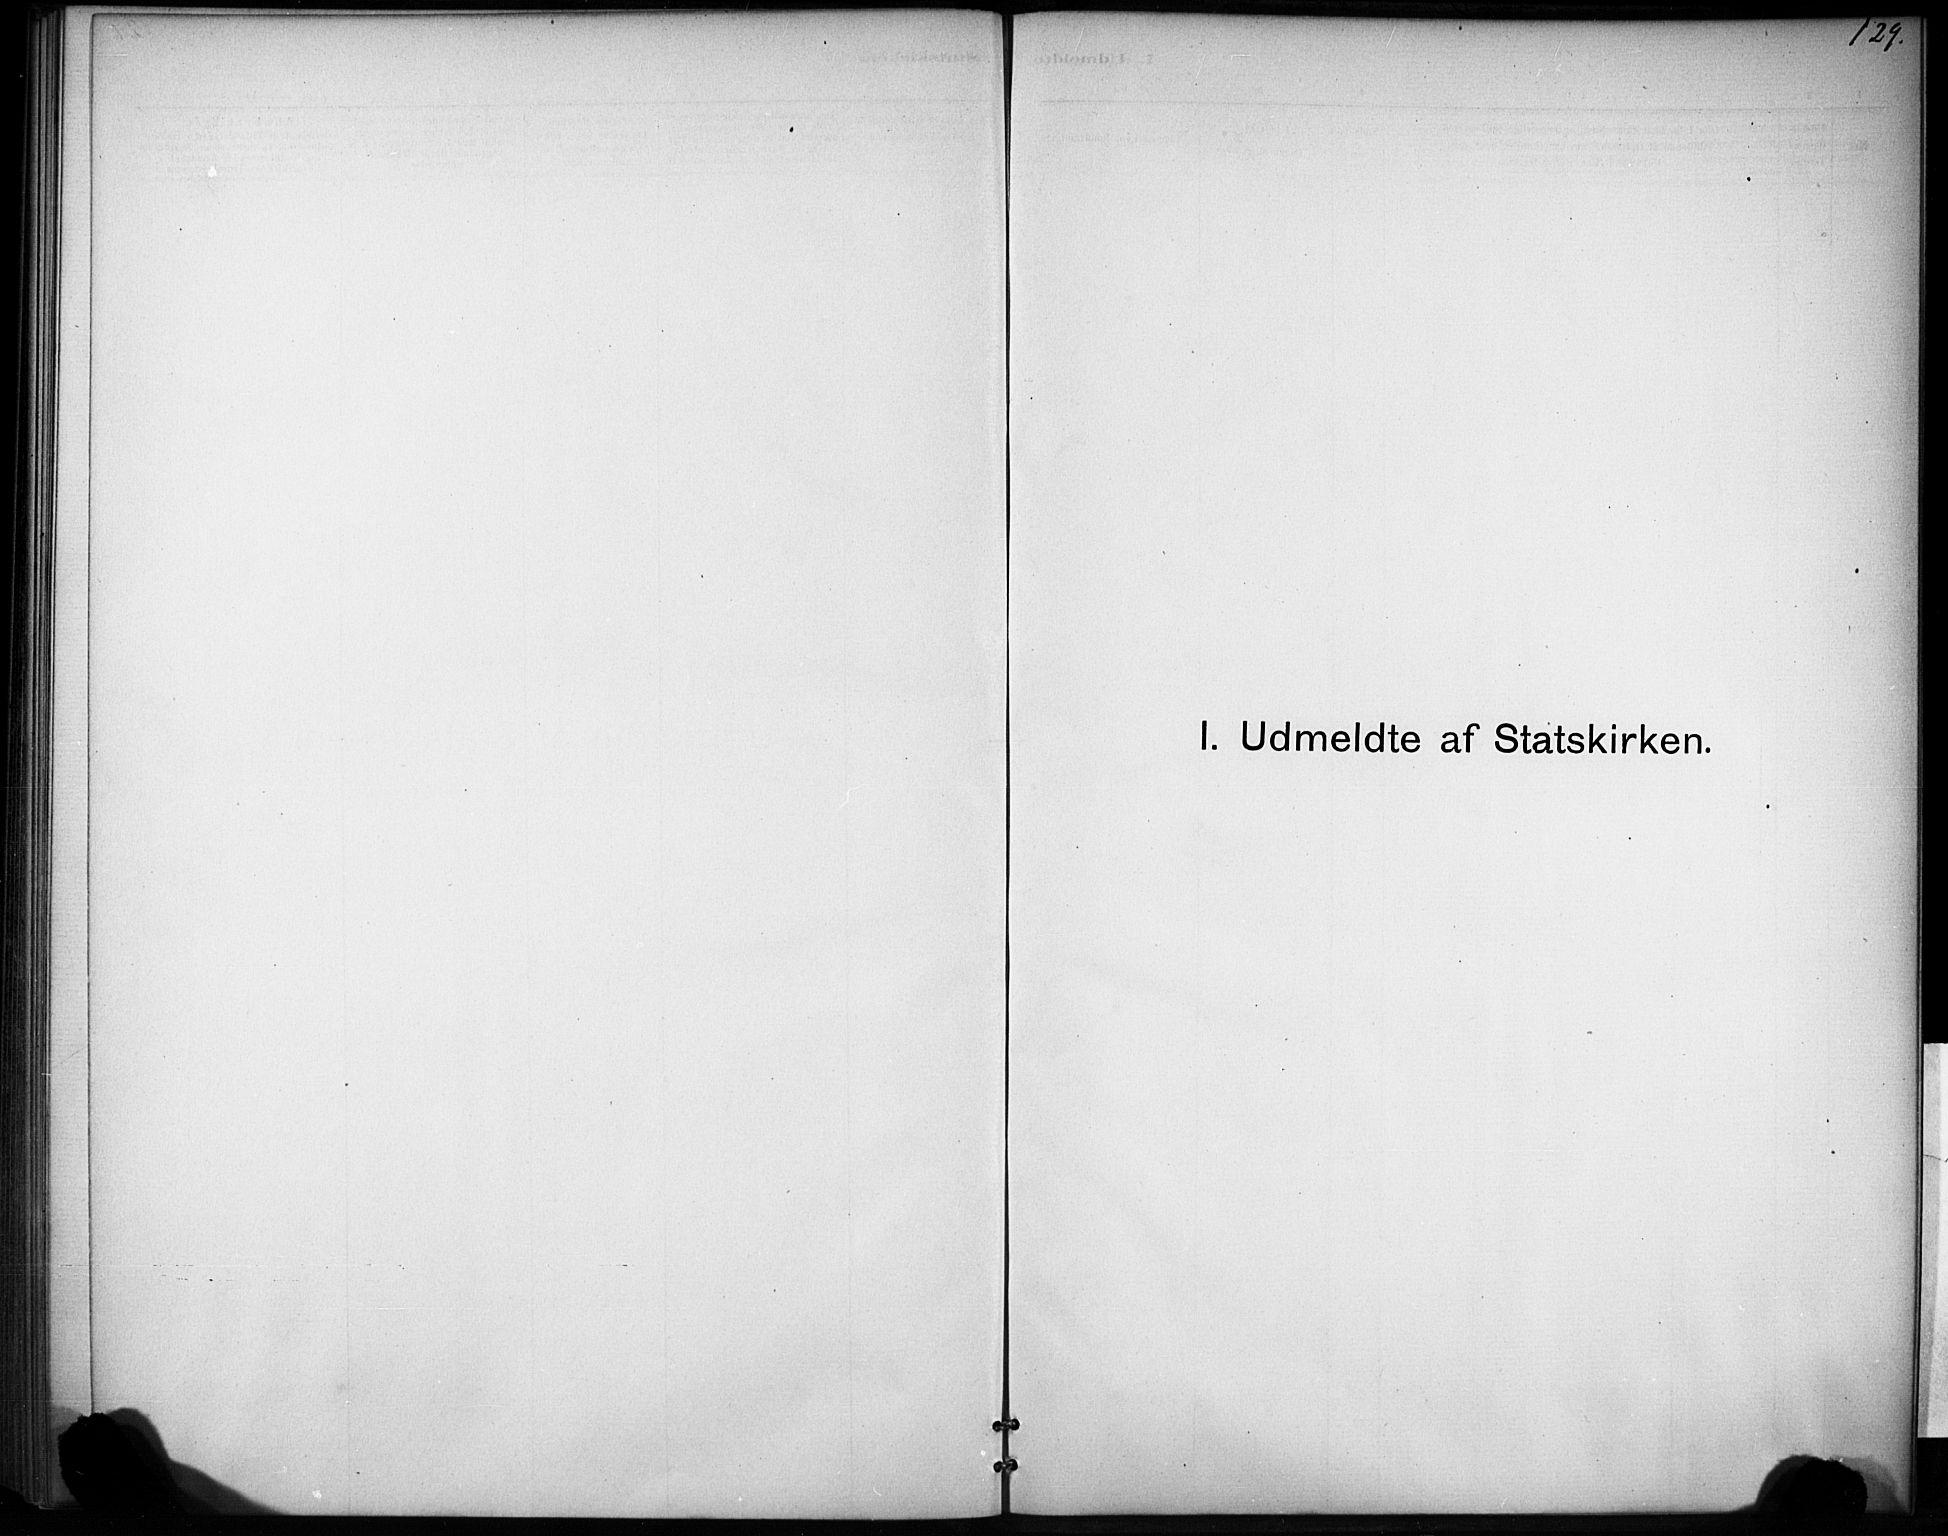 SAT, Ministerialprotokoller, klokkerbøker og fødselsregistre - Sør-Trøndelag, 693/L1119: Ministerialbok nr. 693A01, 1887-1905, s. 129